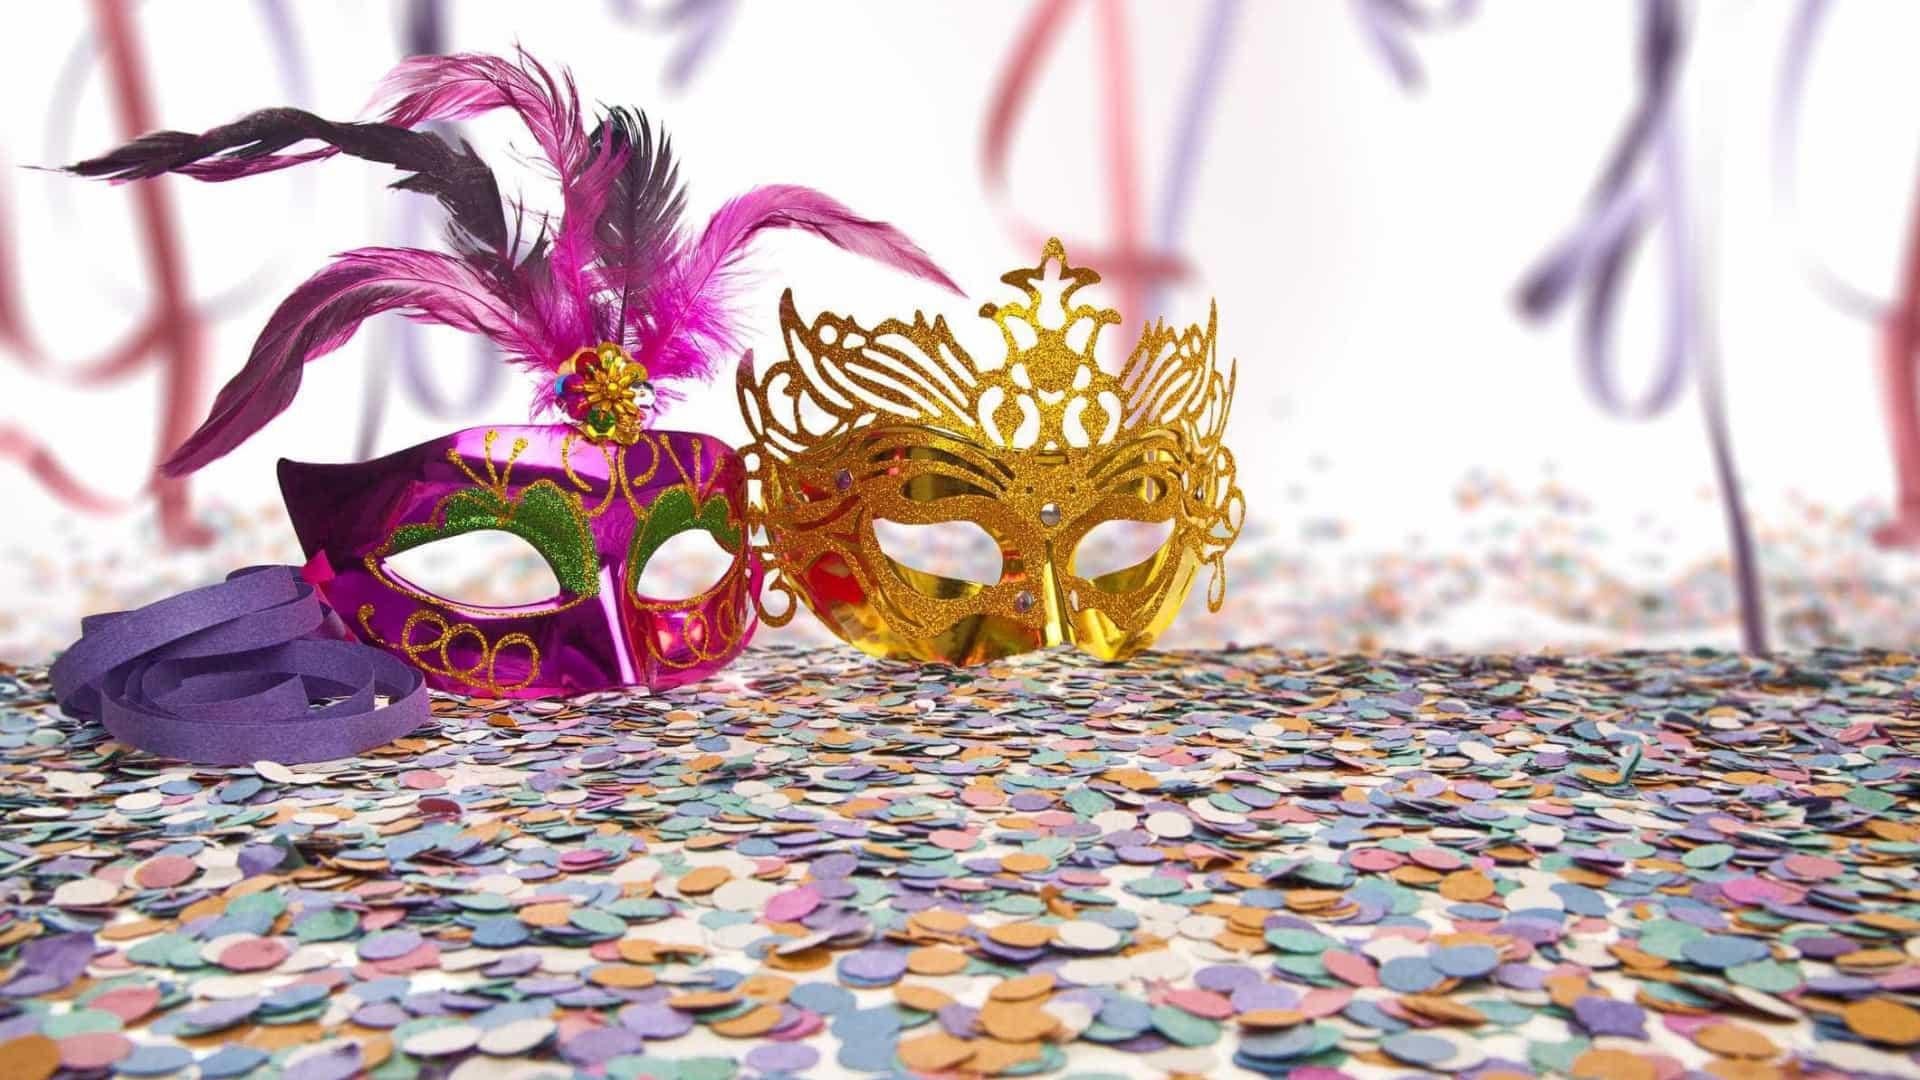 Das festas de carnaval ao teatro, 5 ideias para aproveitar o fim de semana fora de casa